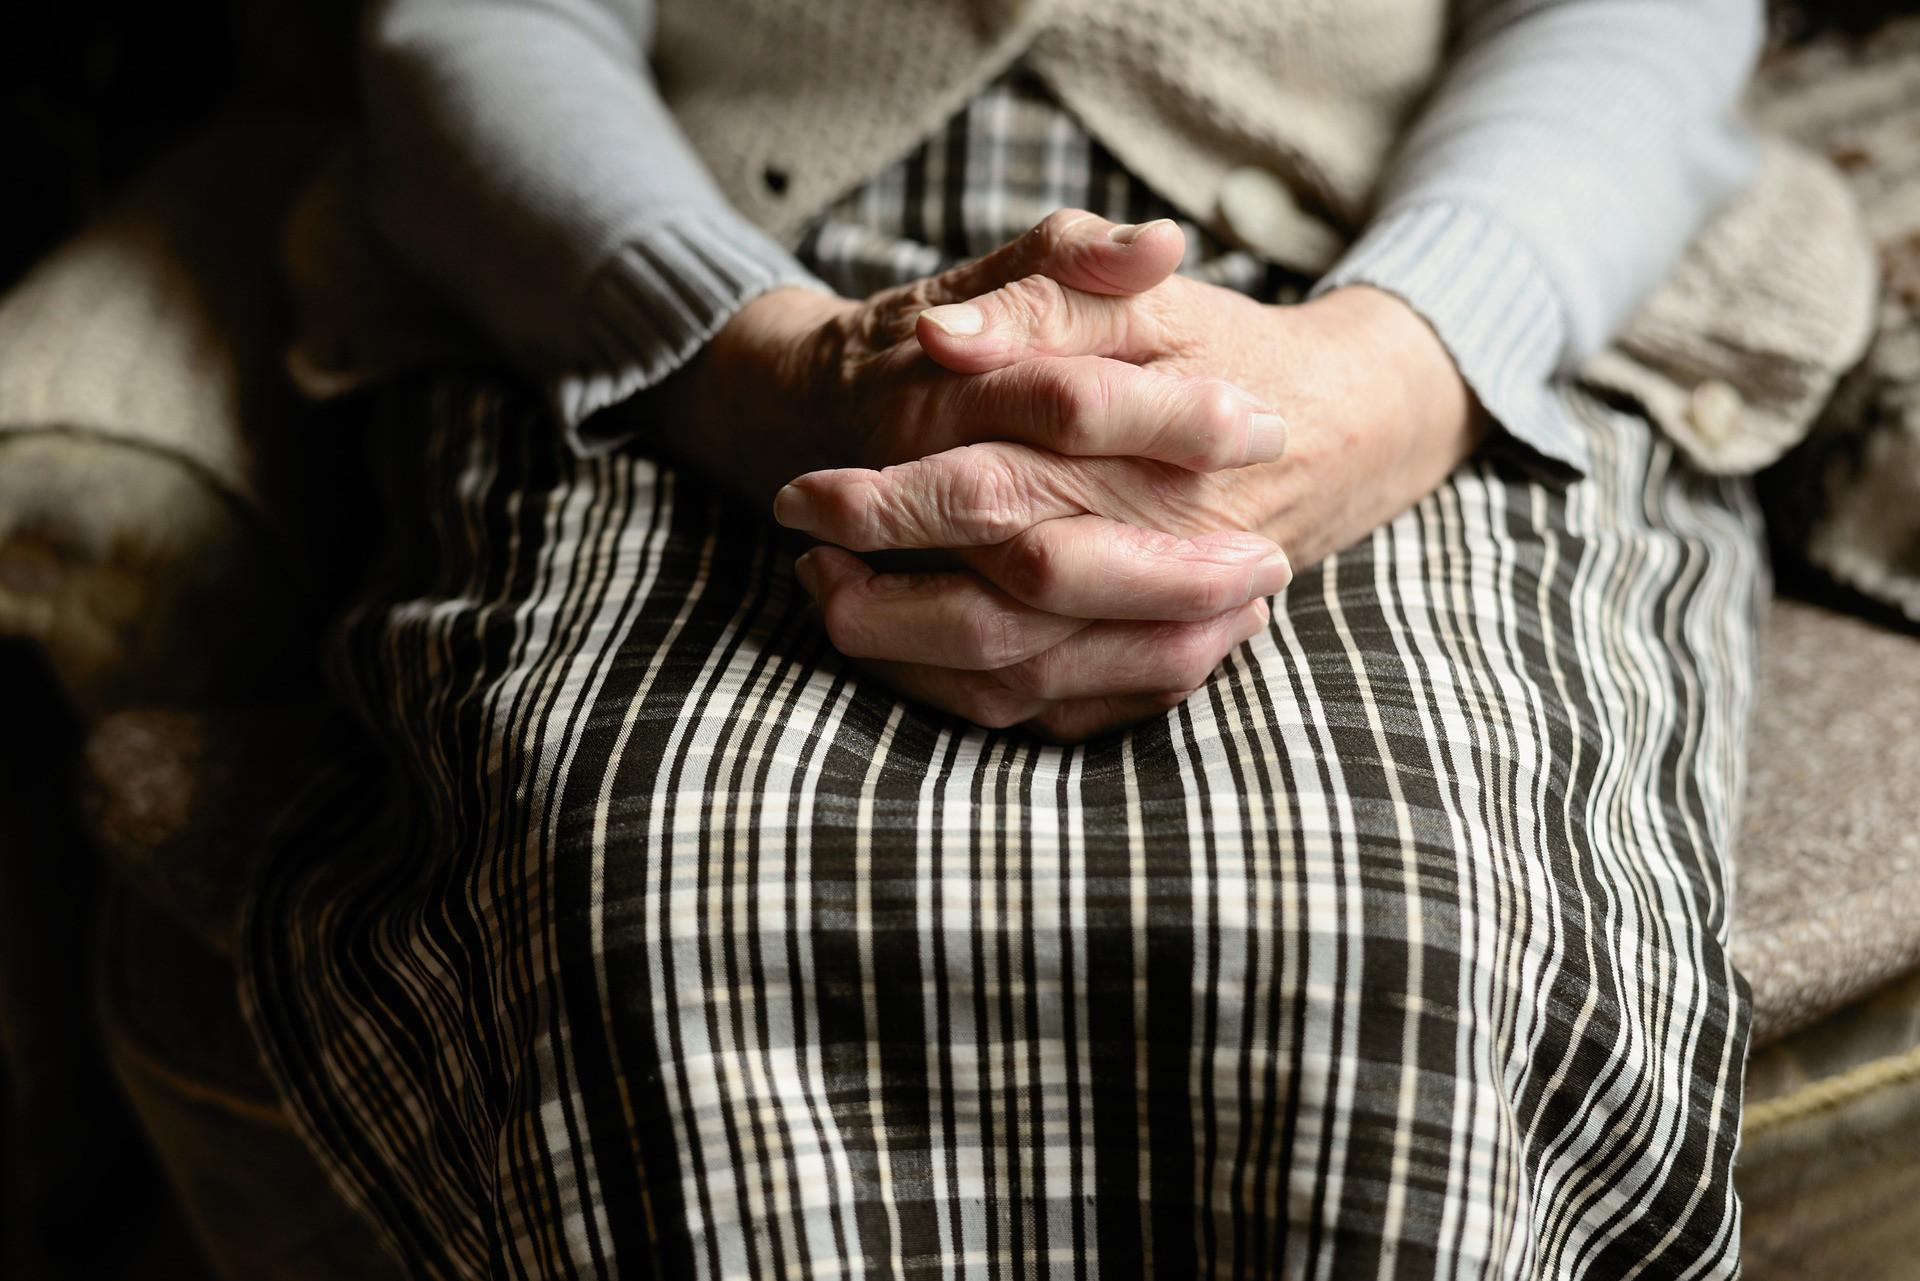 Una anciana en una residencia de mayores. Fuente Pixabay